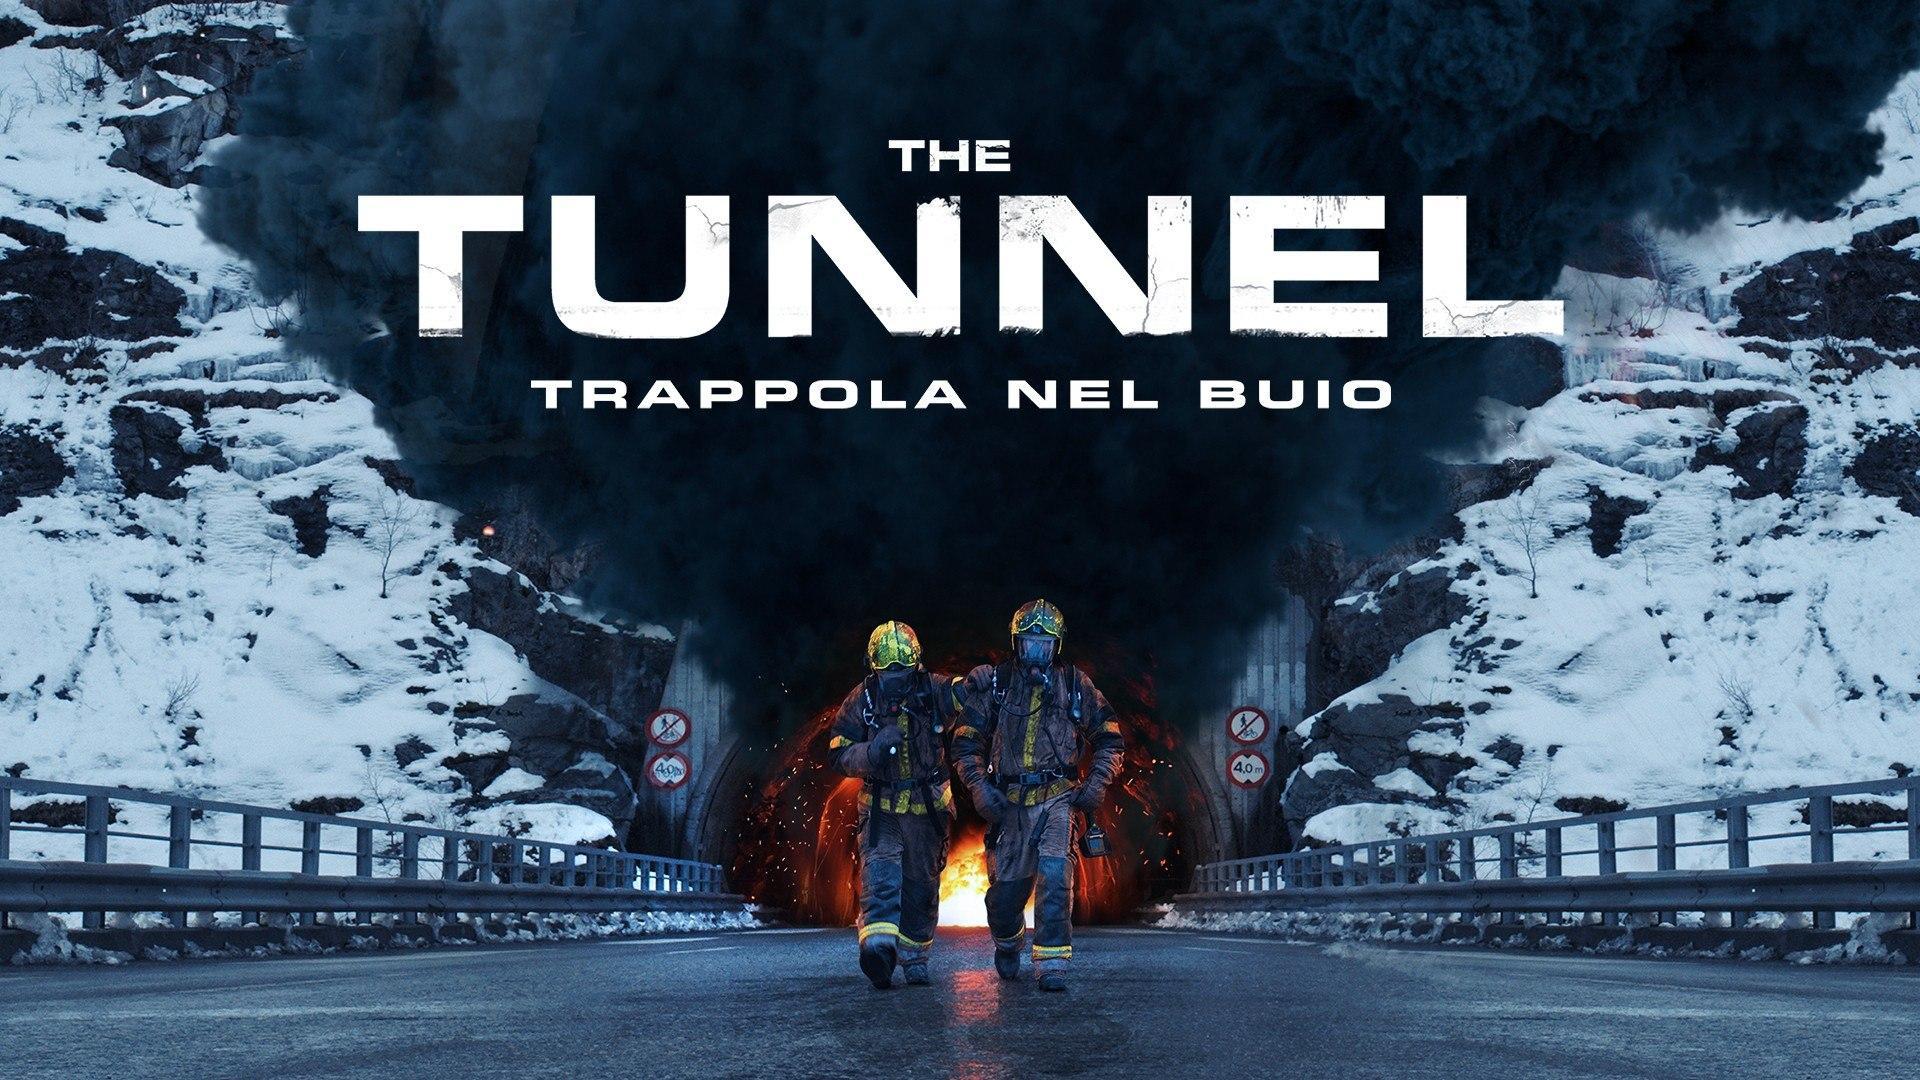 Venerdi 29 Gennaio 2021 Sky e Premium Cinema, The Tunnel - Trappola Nel Buio